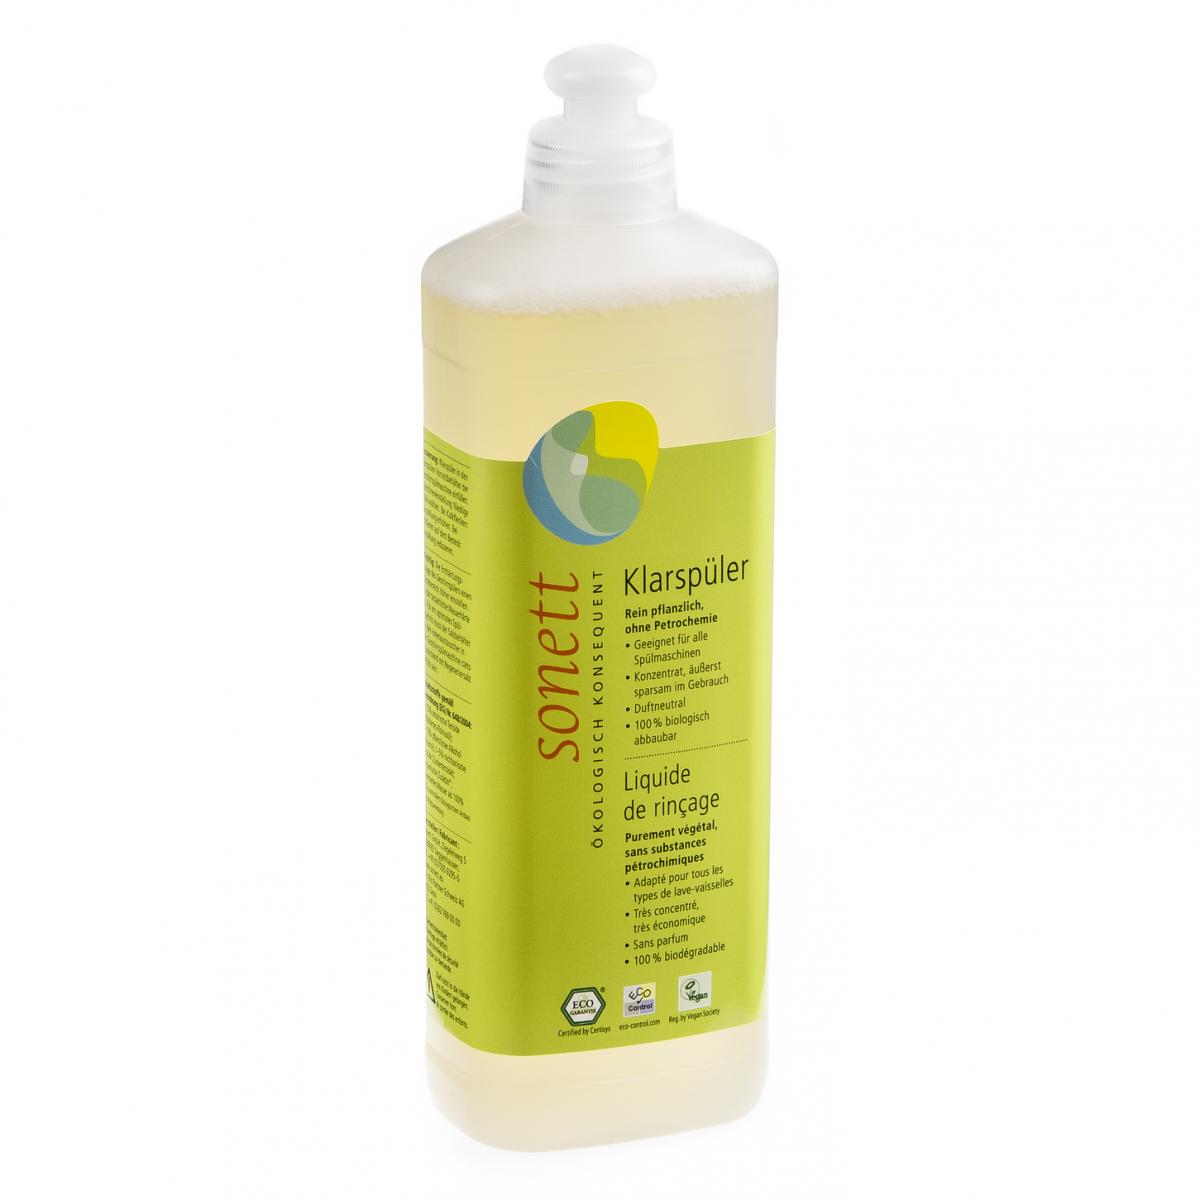 Klarspüler für Geschirrspülmaschine Flasche 500 ml/Plastik Einweg - Sonett